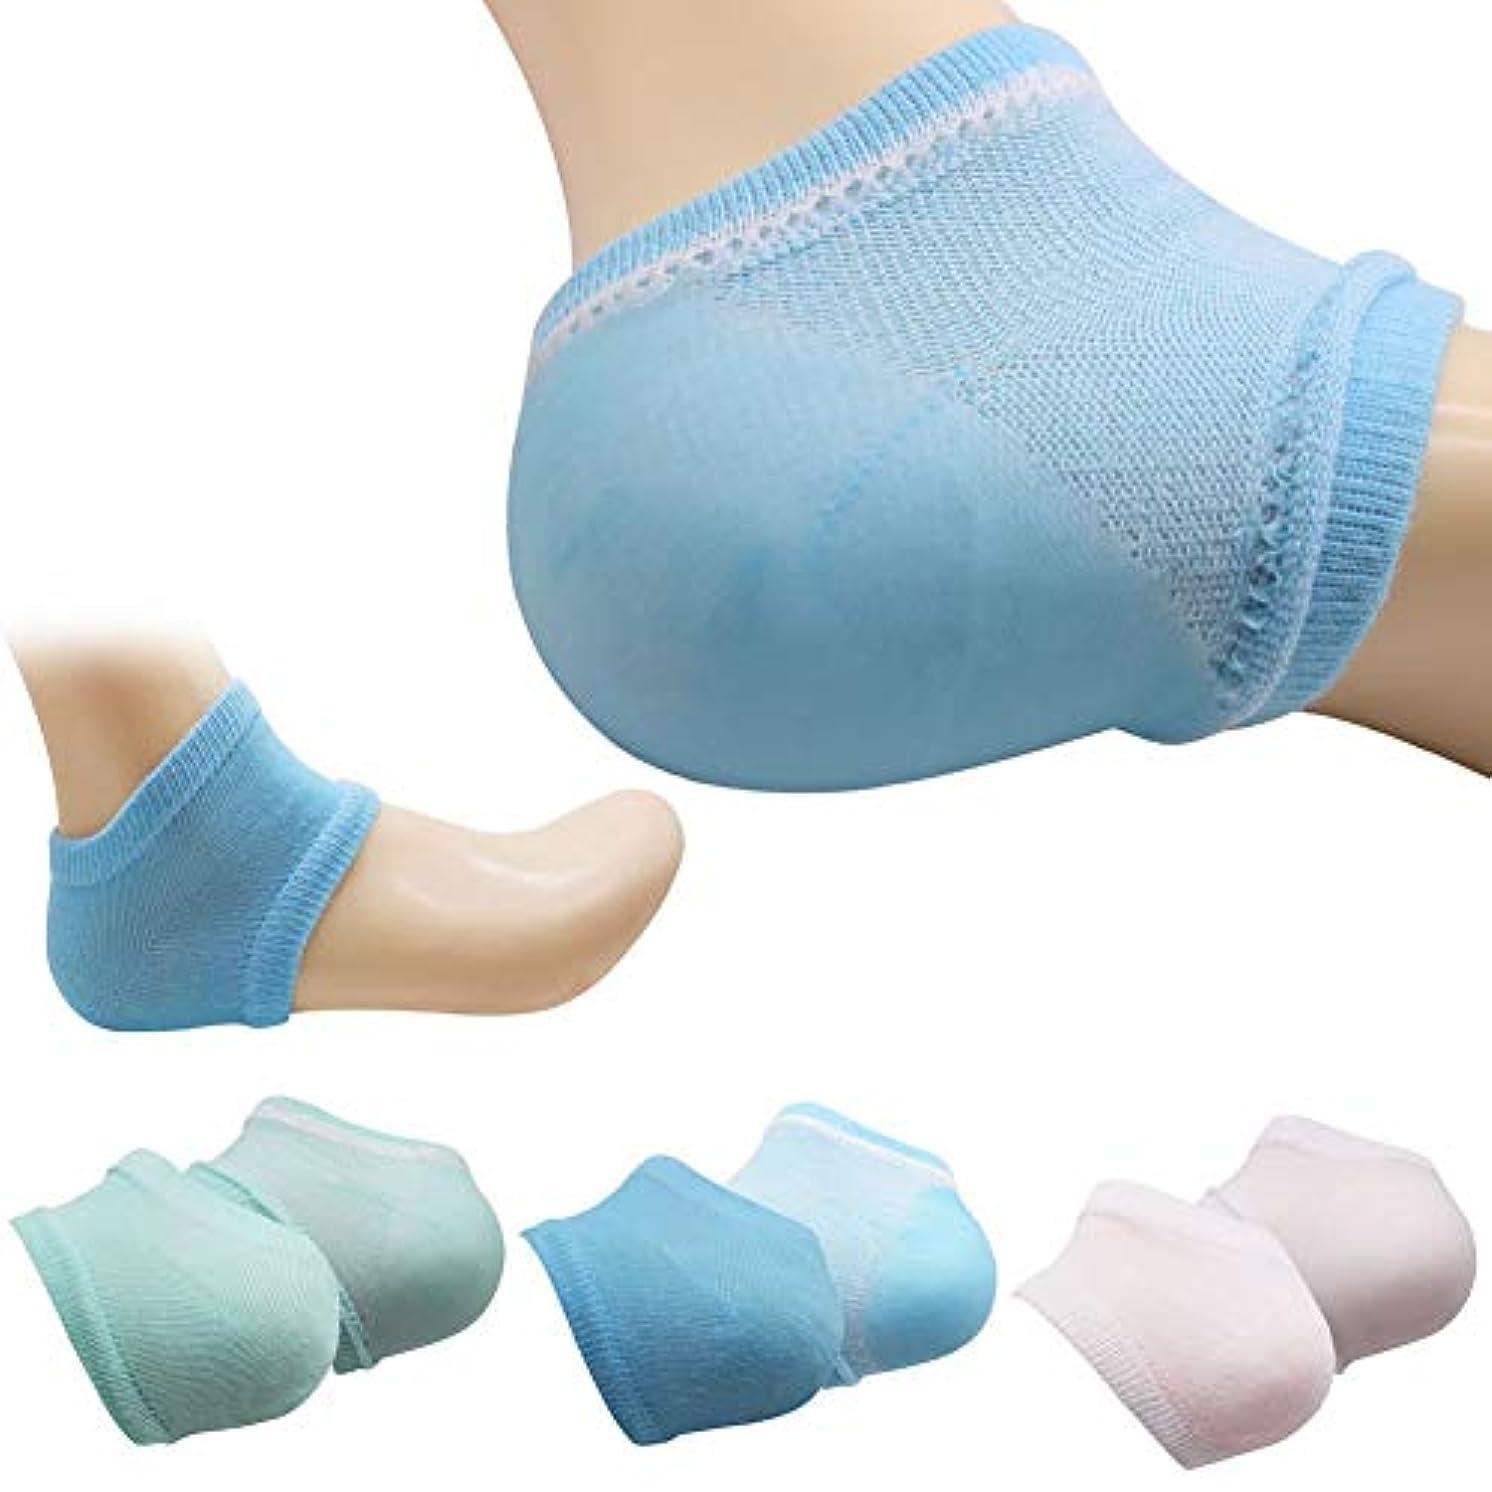 連合式サイトK&TIME かかと 保湿ソックス かかと 靴下 ソックス かかとケア 靴下 角質ケア 滑らか スベスベ ツルツル ひび割れ ジェル 靴下 美容 足SPA 足ケア レディース フリーサイズ 3足セット